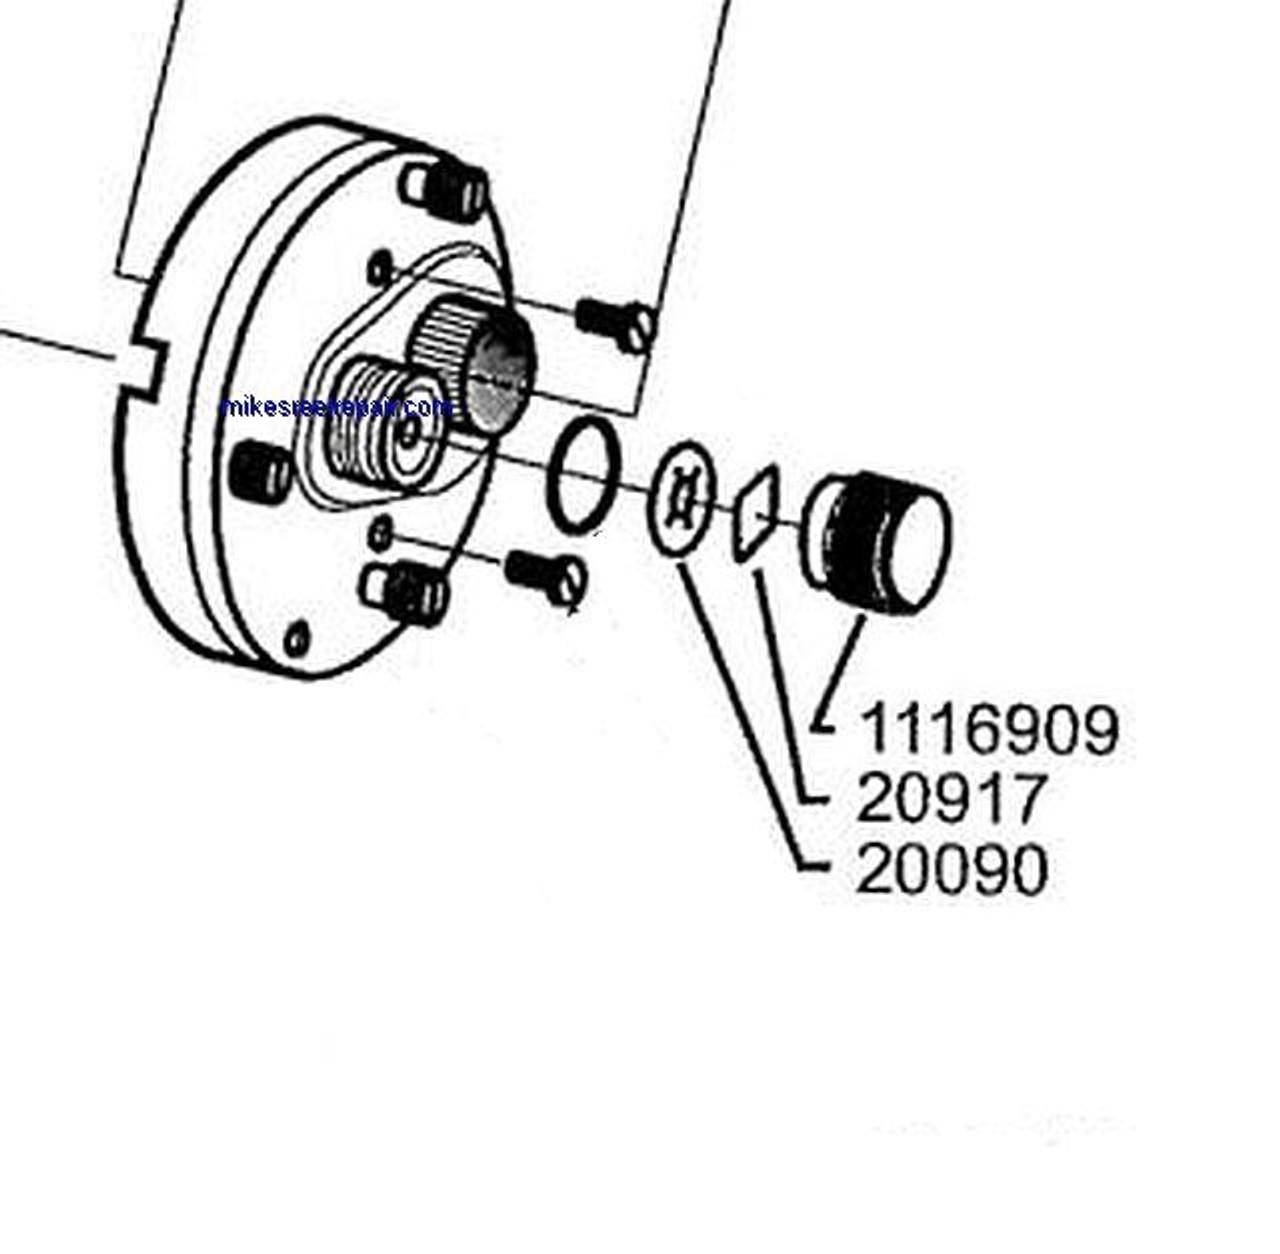 1116909 Kit Abu Spool Cap Kit 3pcs Mikes Reel Repair